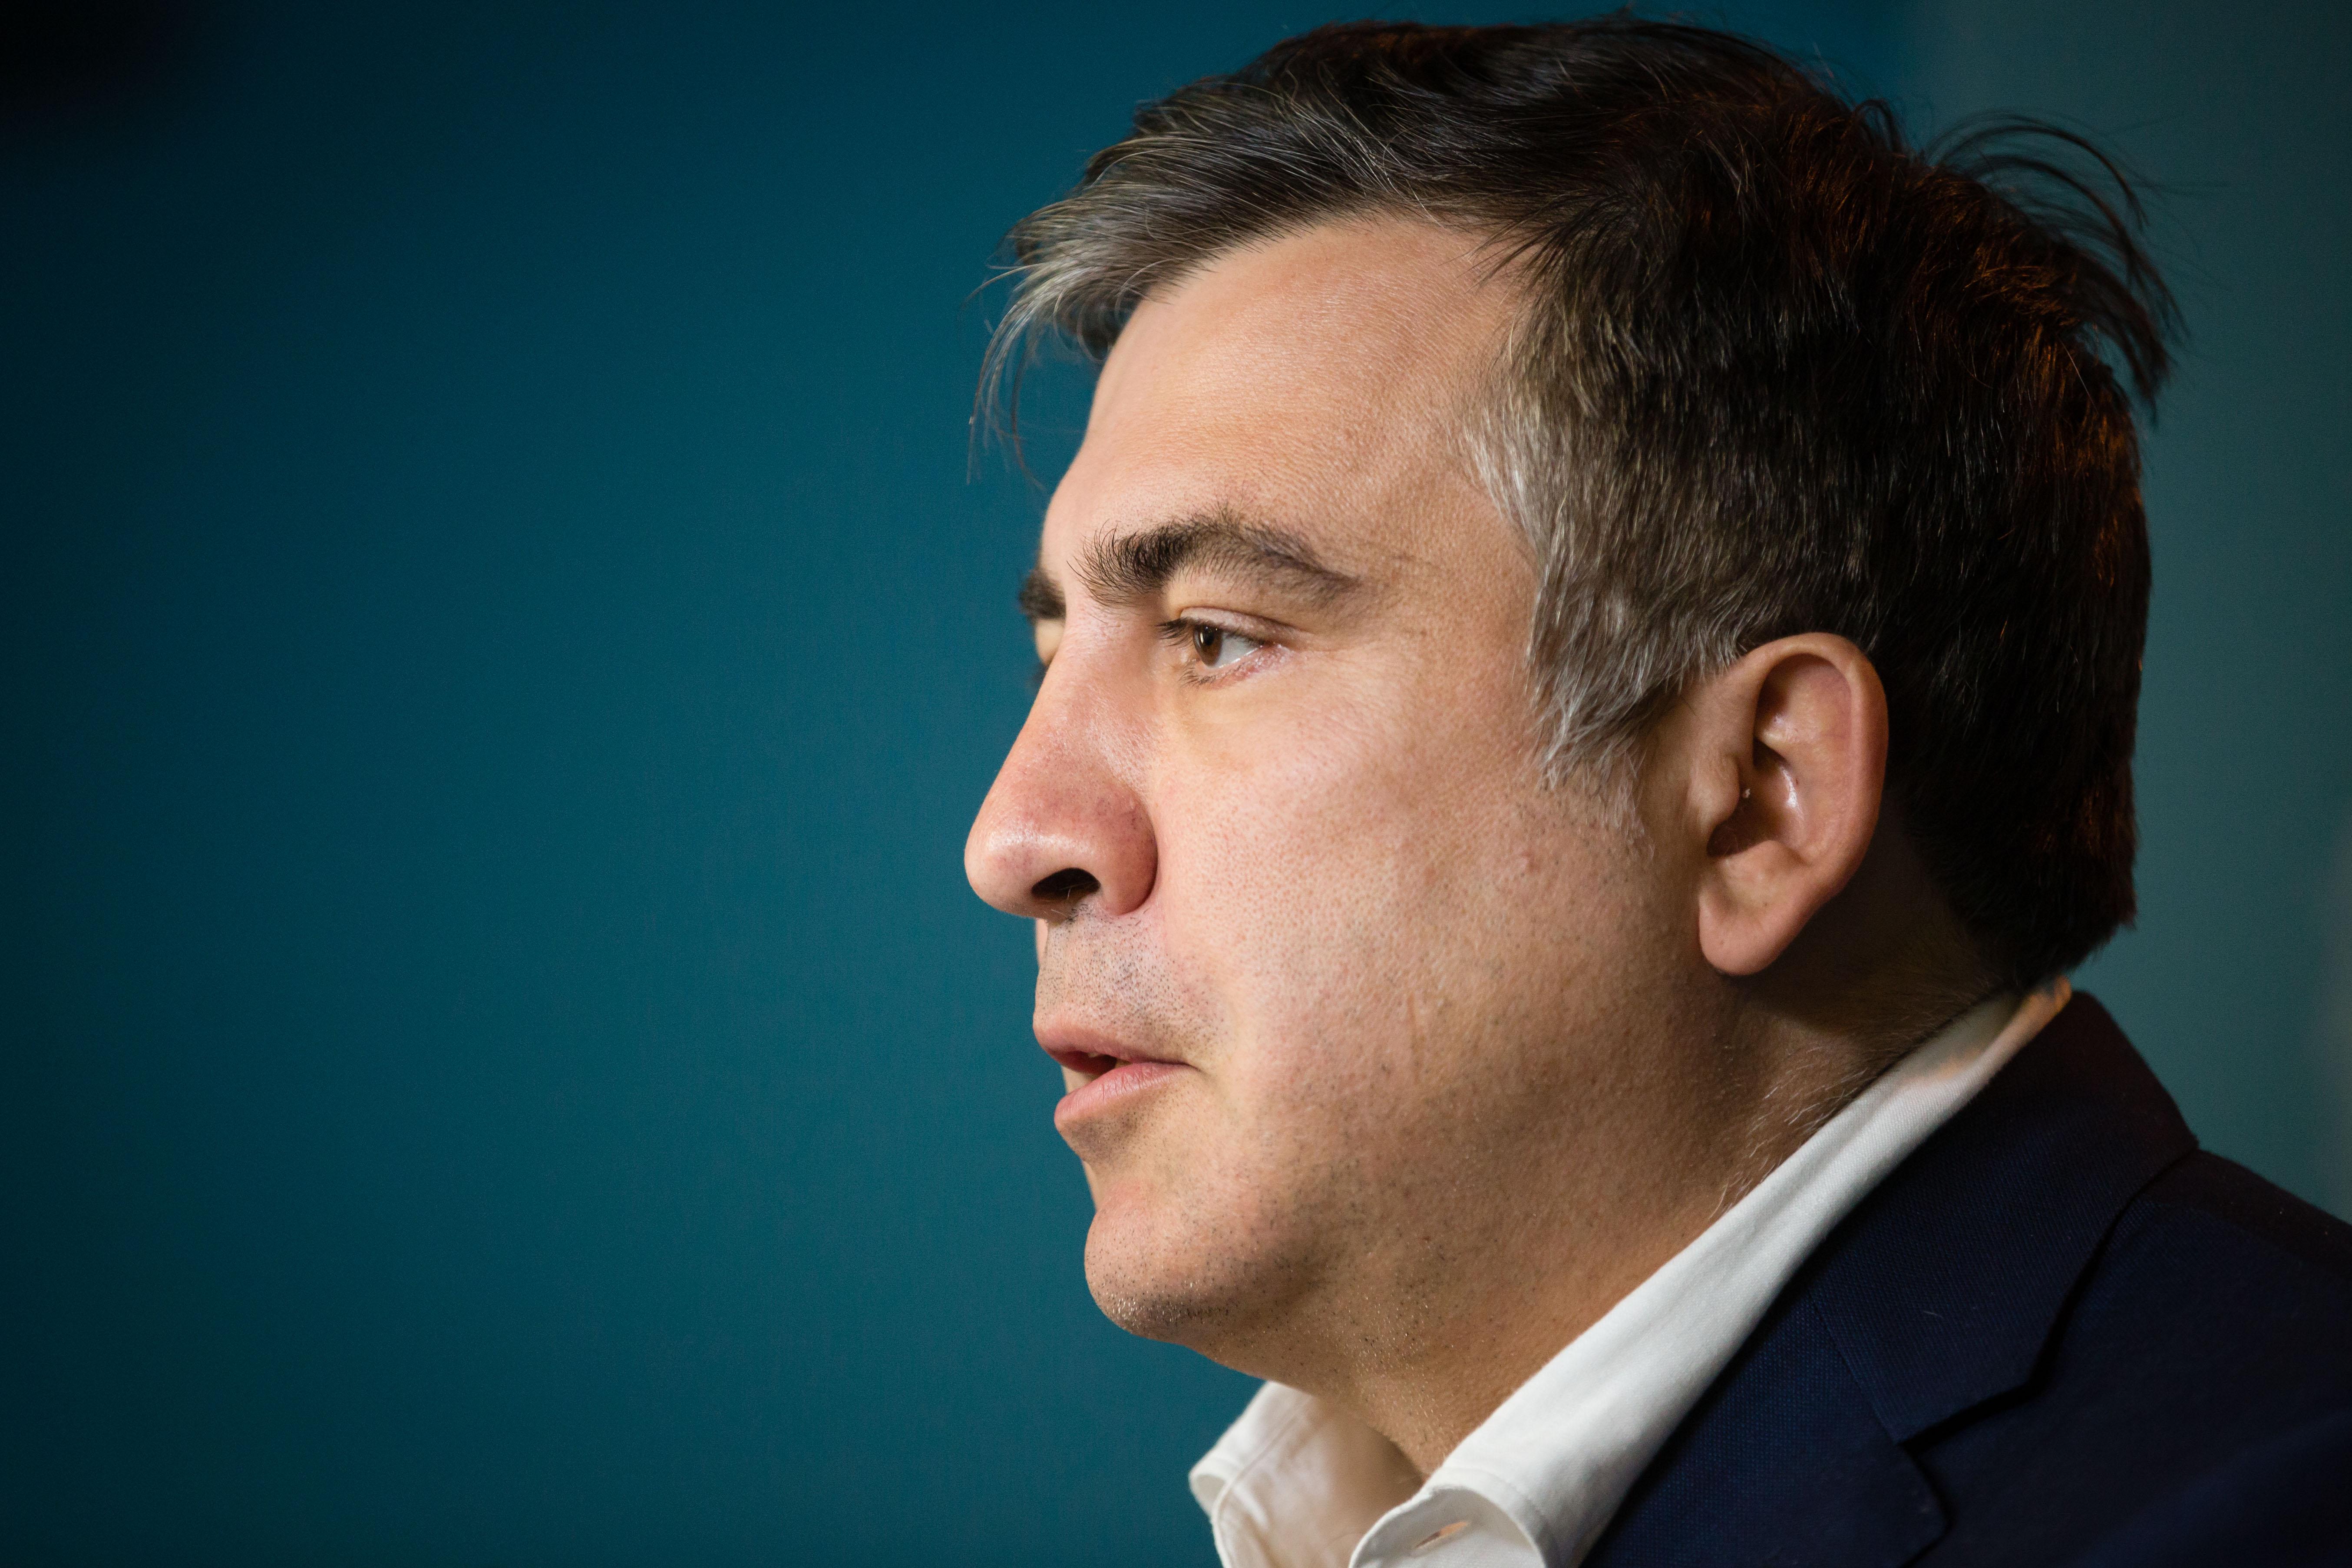 """Саакашвили рассказал, как Порошенко вызвал его и Гройсмана """"на ковер"""" в Администрацию Президента"""